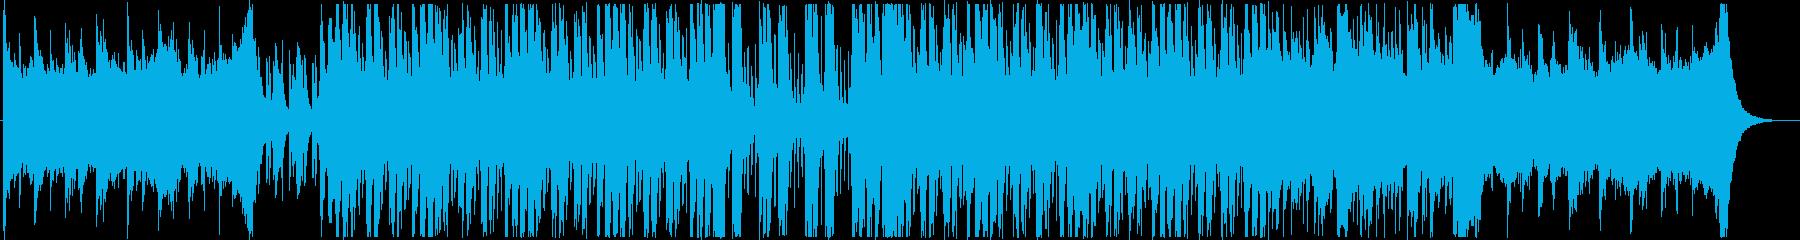 不気味で怪しい3拍子ホラーハロウィン曲の再生済みの波形